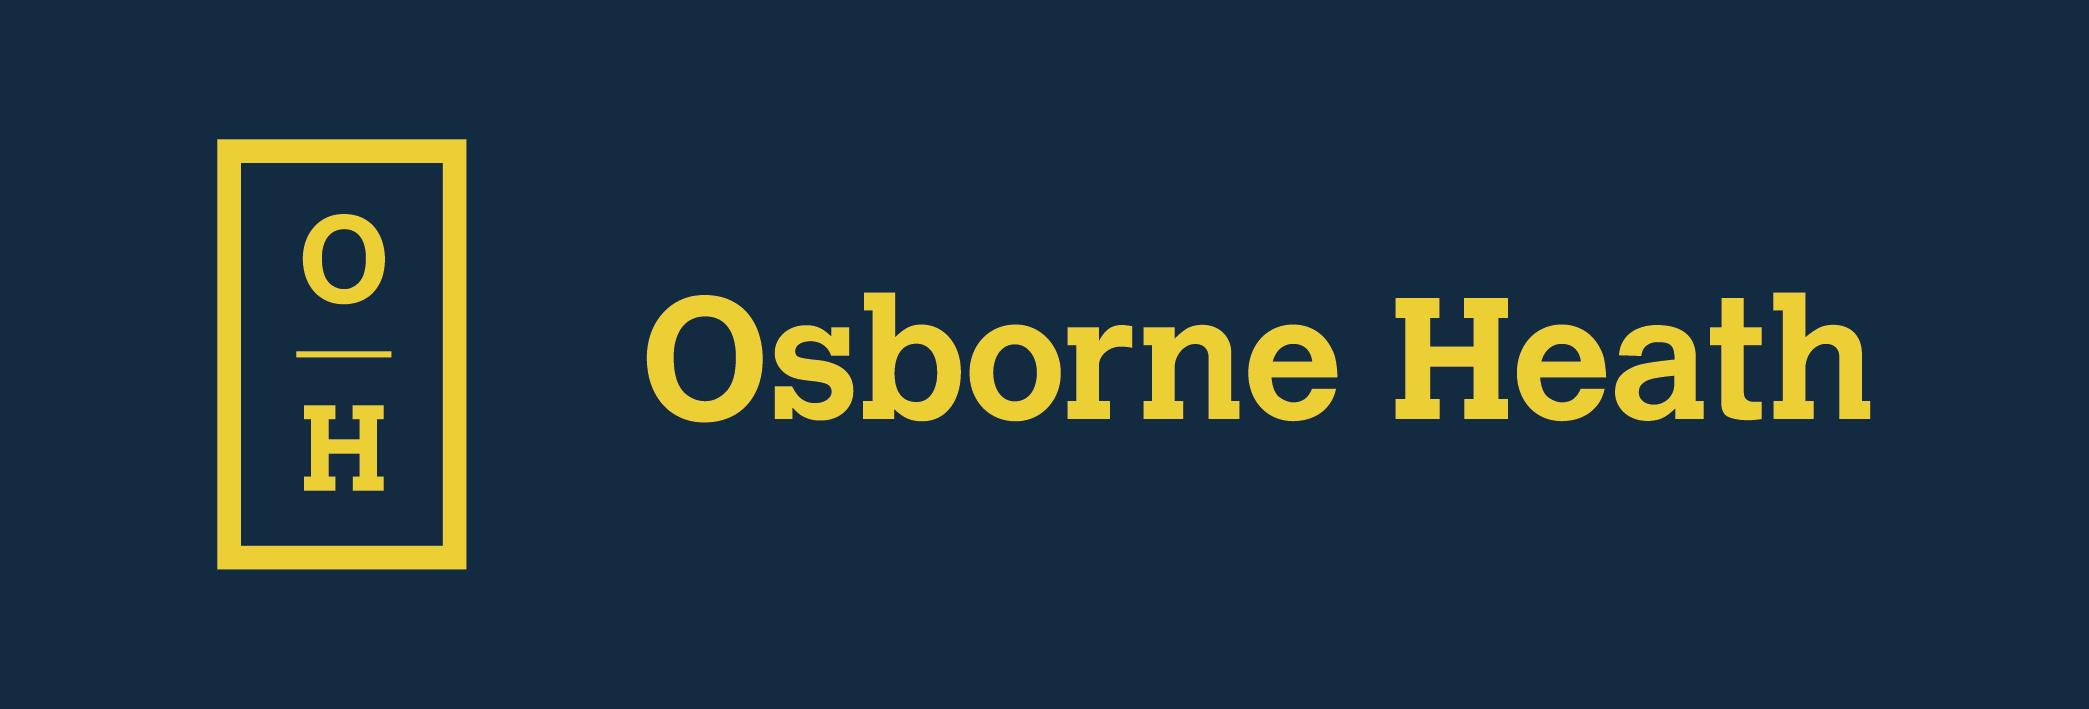 Osborne Heath